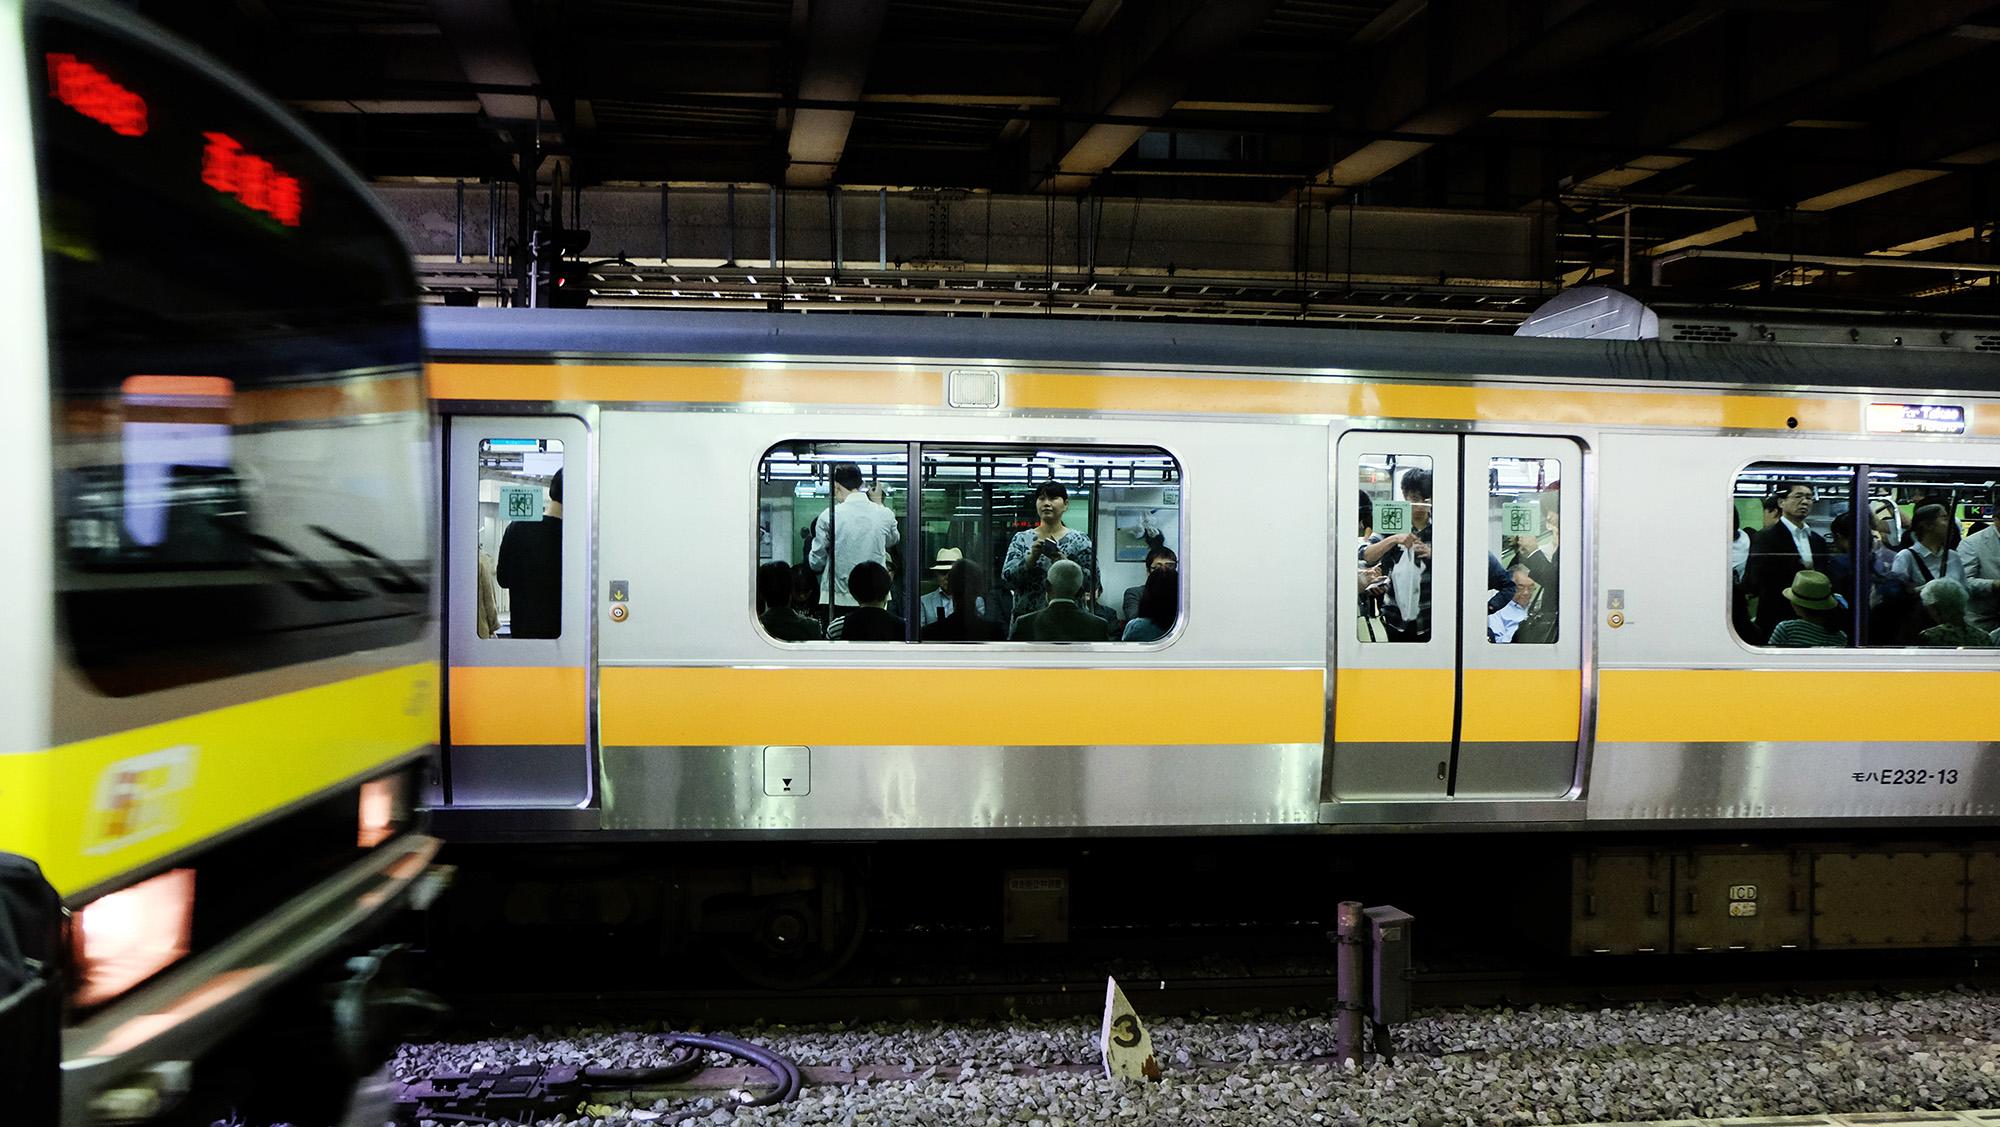 sobu line shinjuku station